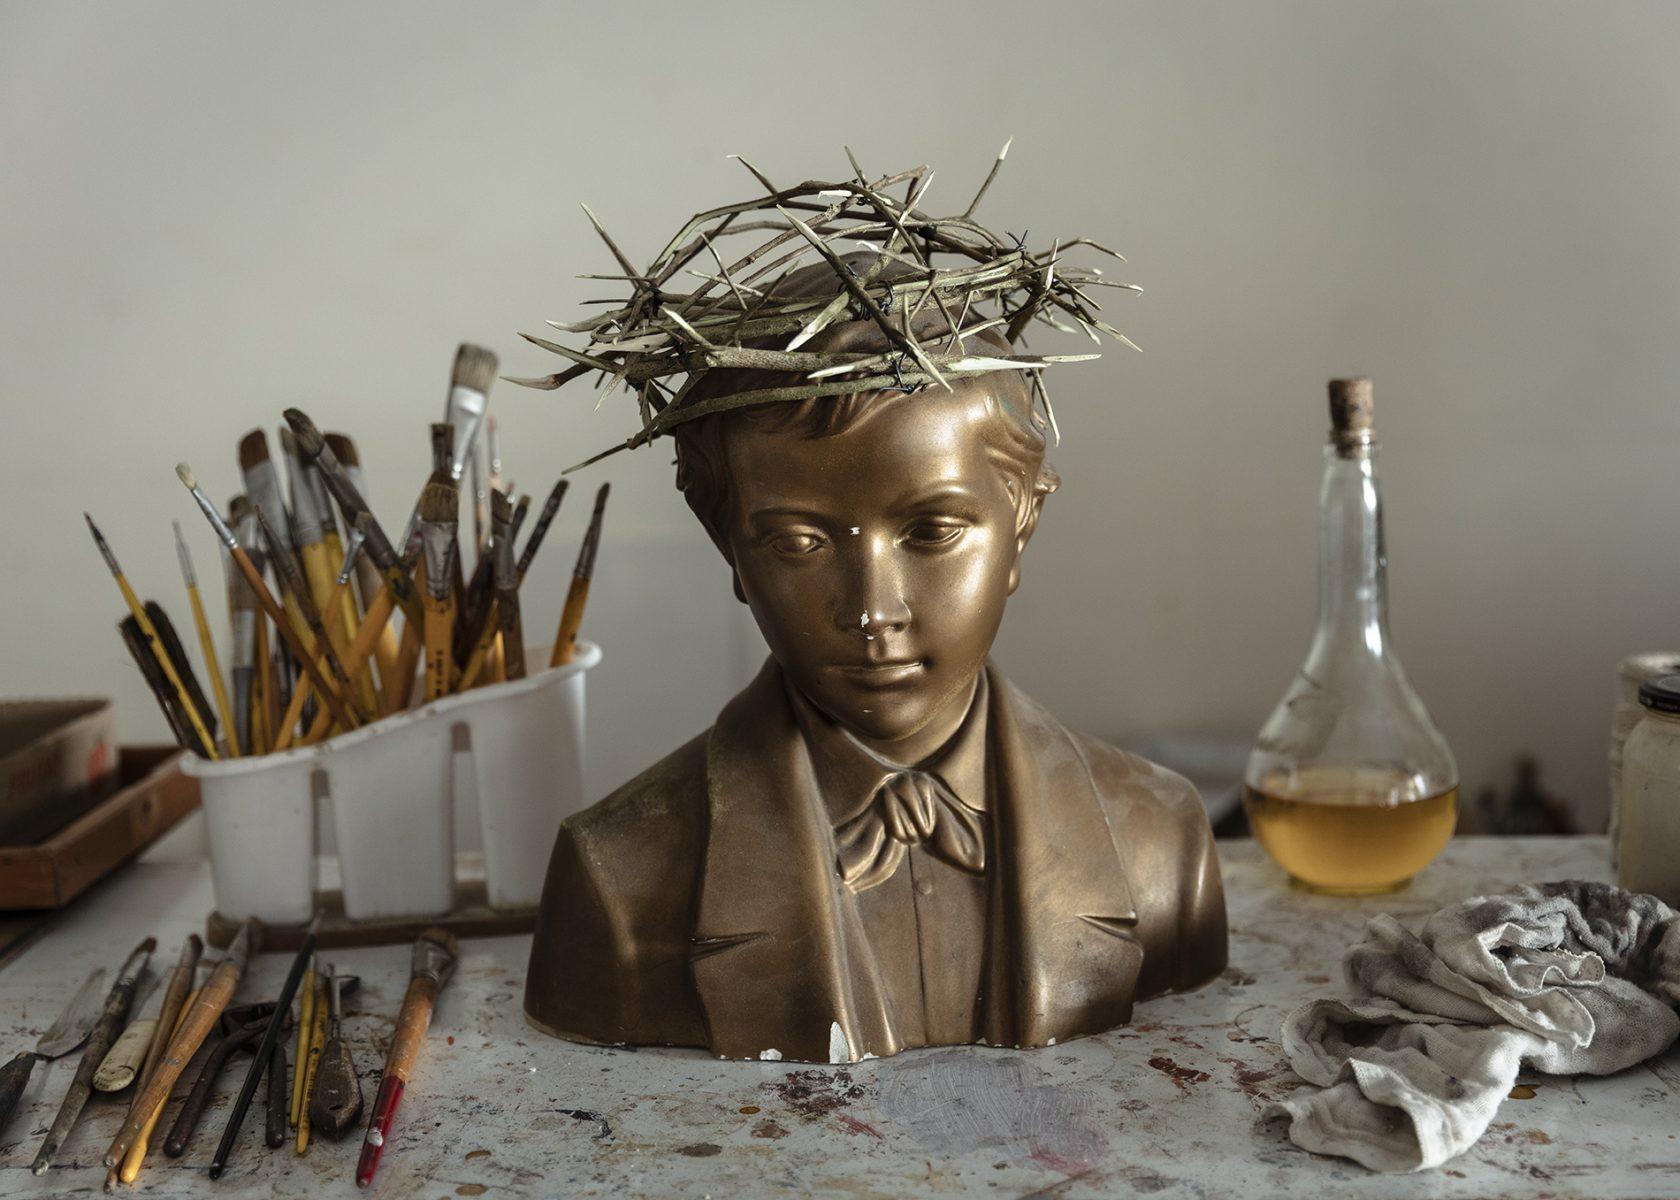 Fotografía en color de Gui Christ, modelo con corona de espinas, pinceles, São Paulo